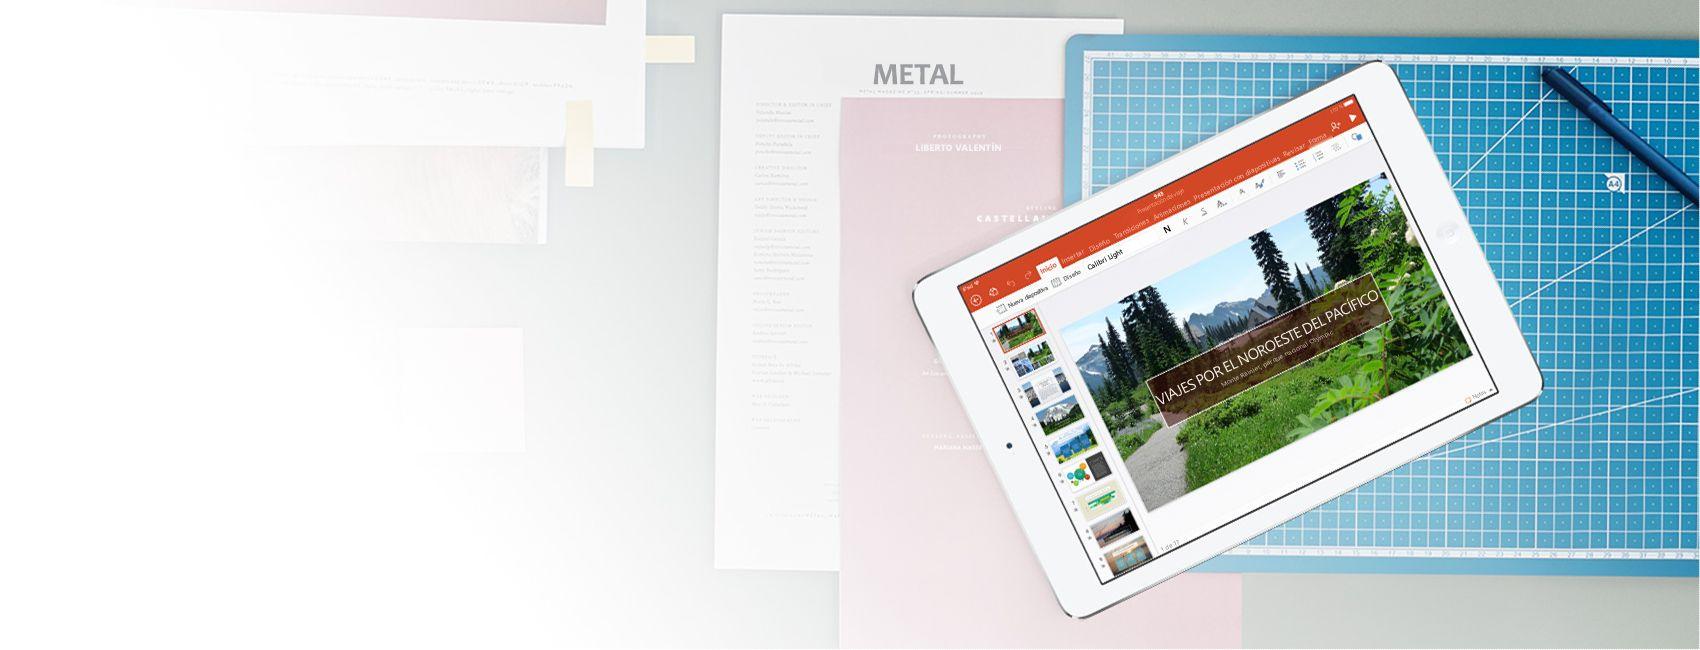 Un iPad en el que se muestra una presentación de PowerPoint sobre Pacific Northwest Travels